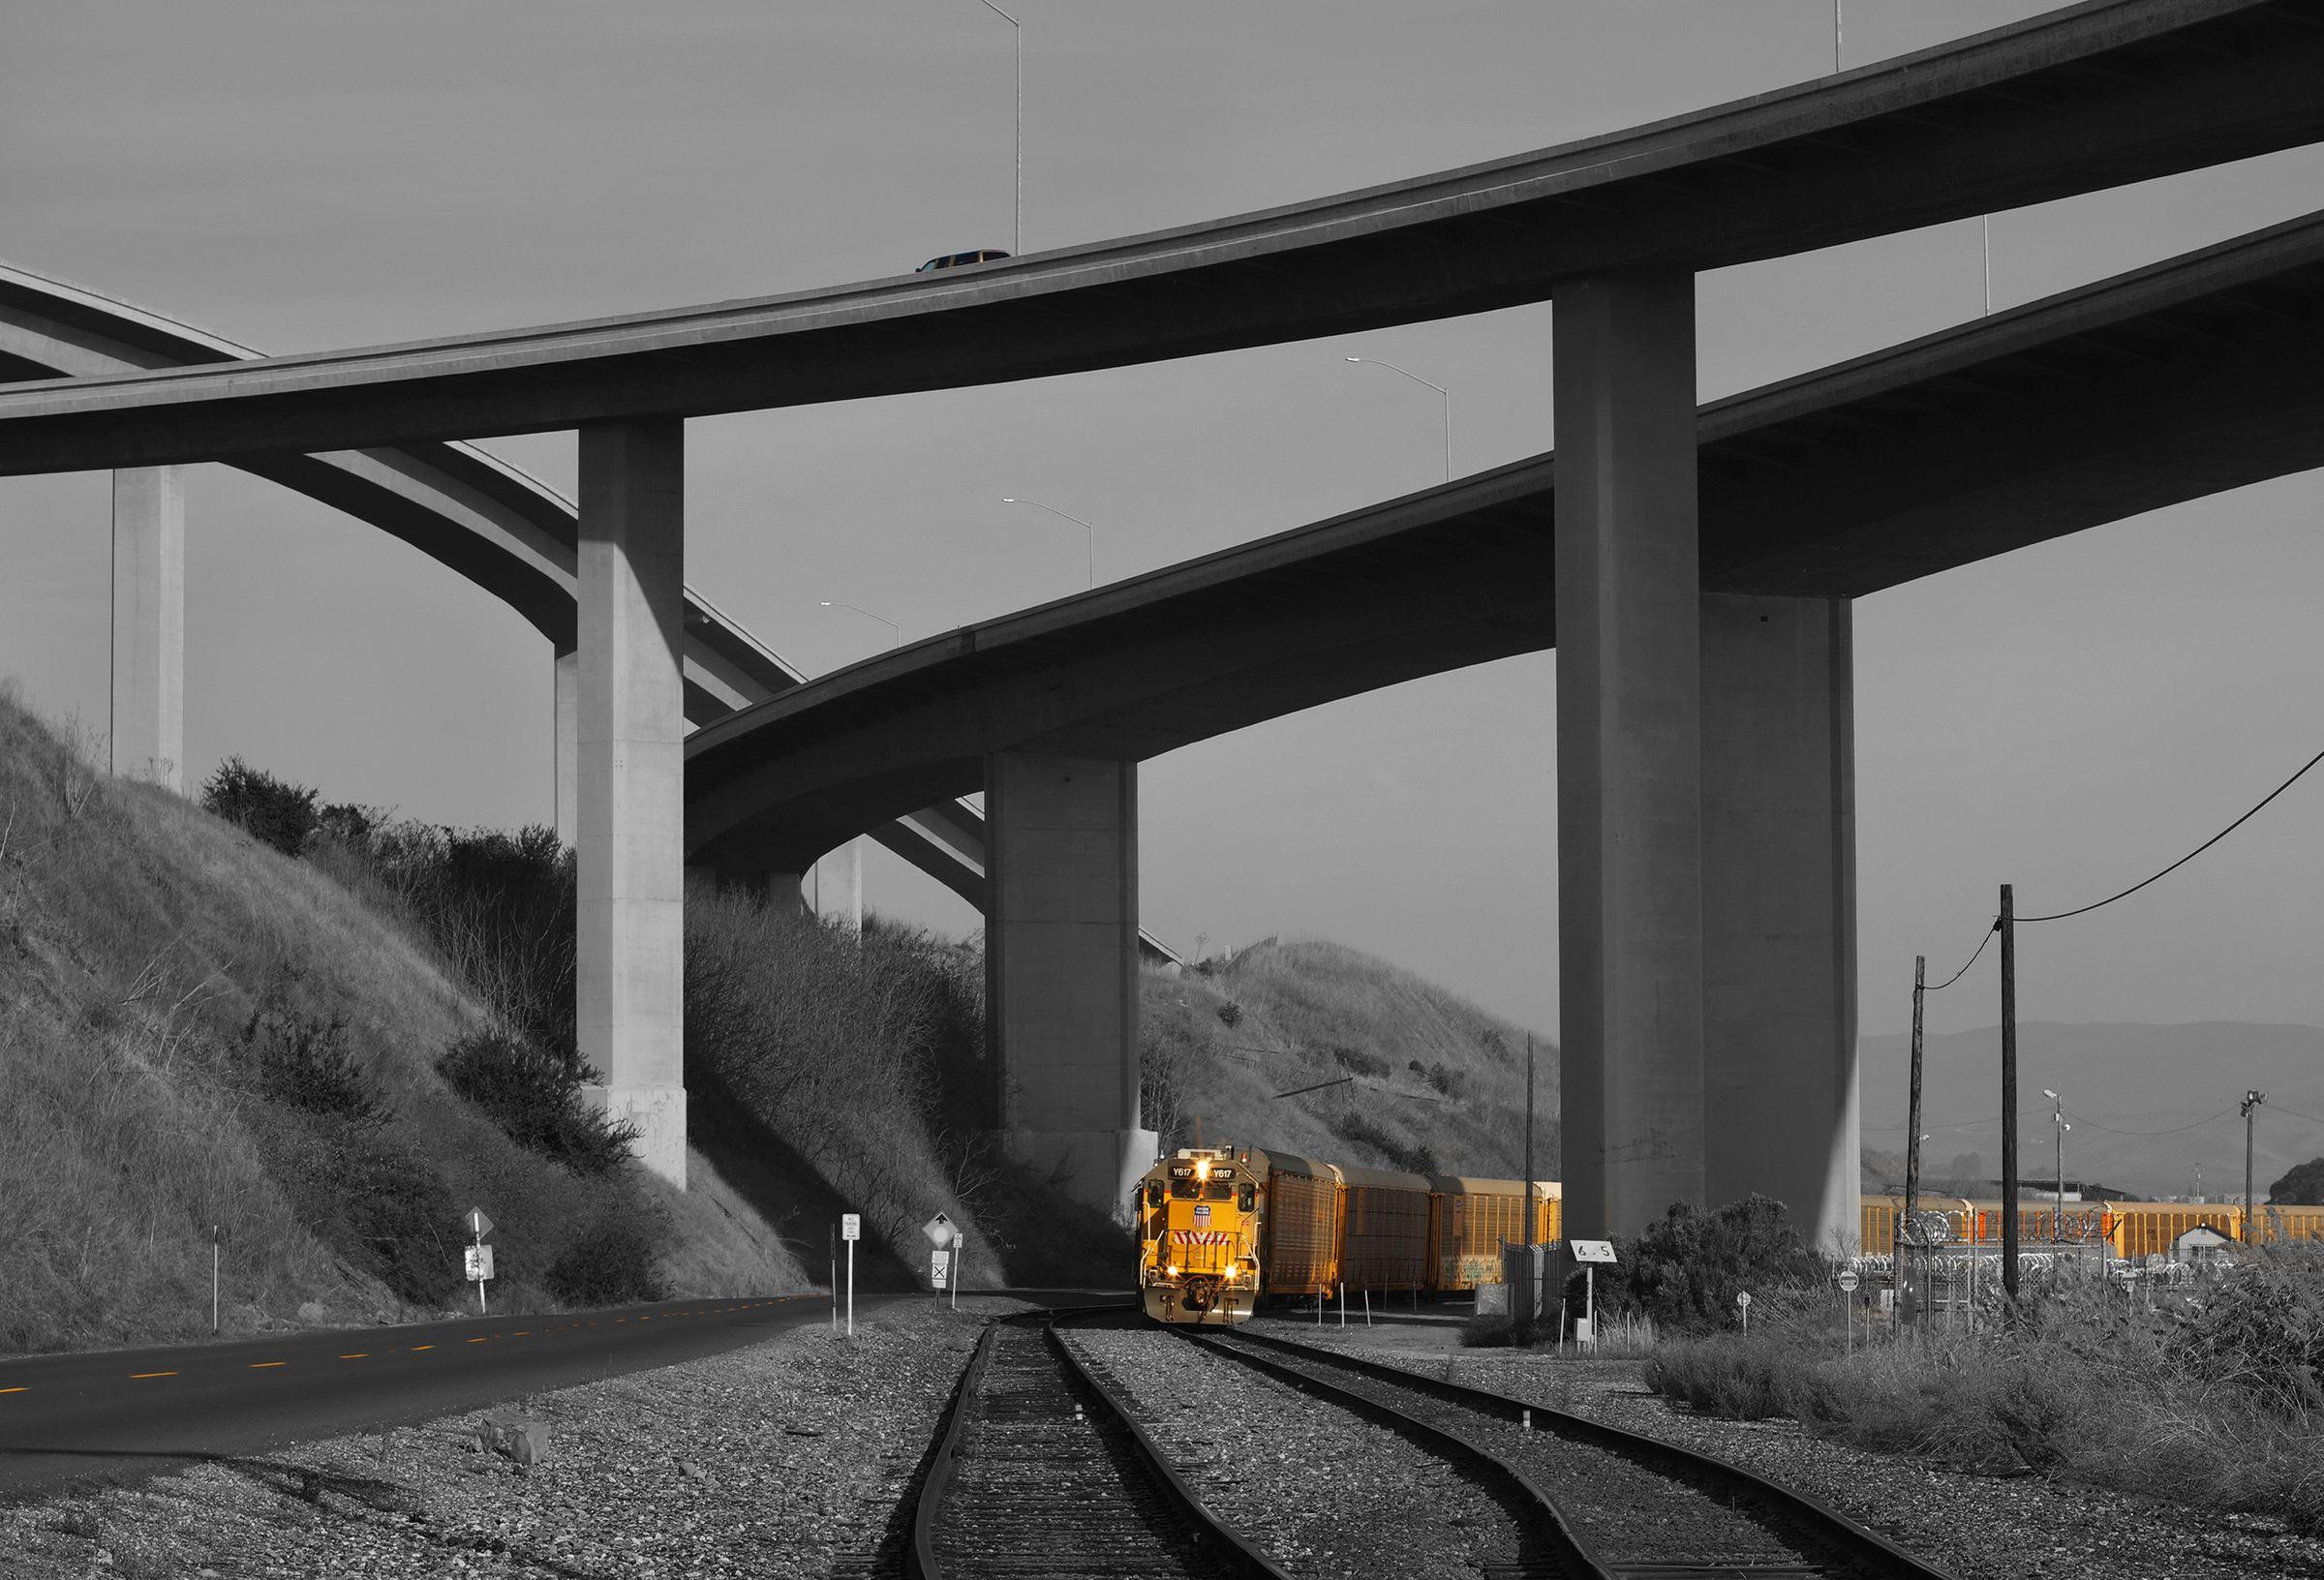 Pacific Union Train, Benicia, CA